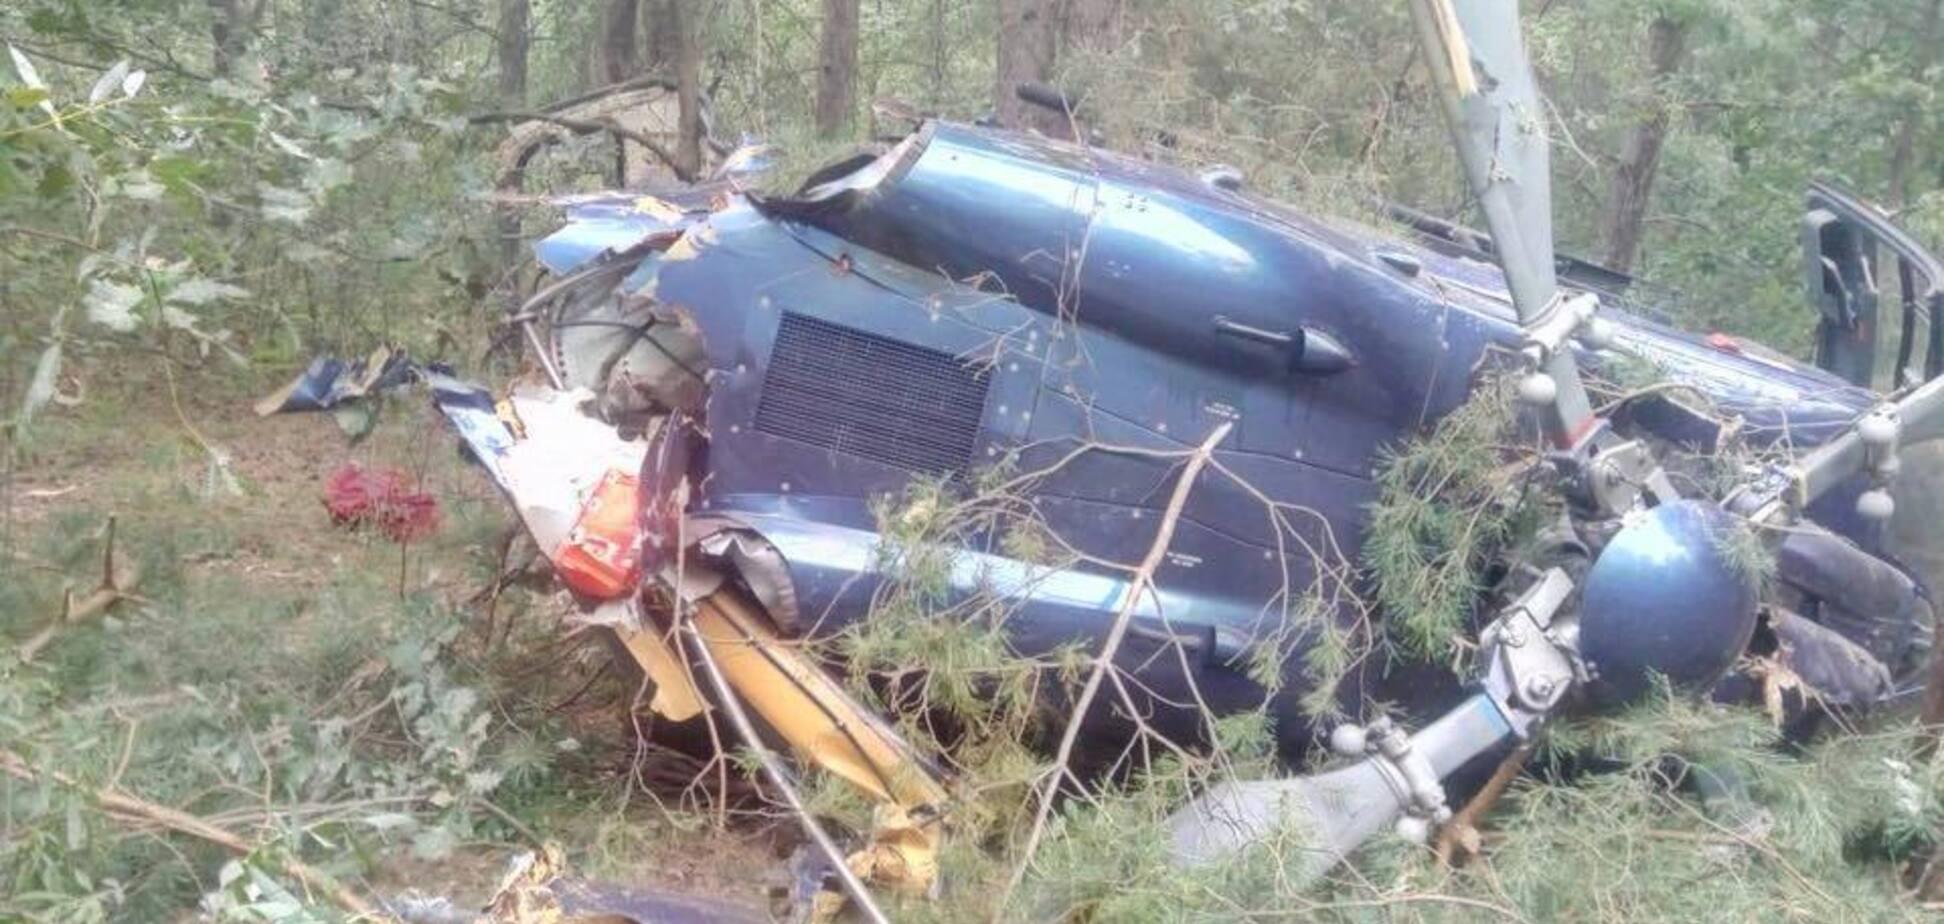 Разбившийся в Киеве вертолет принадлежит известному олигарху